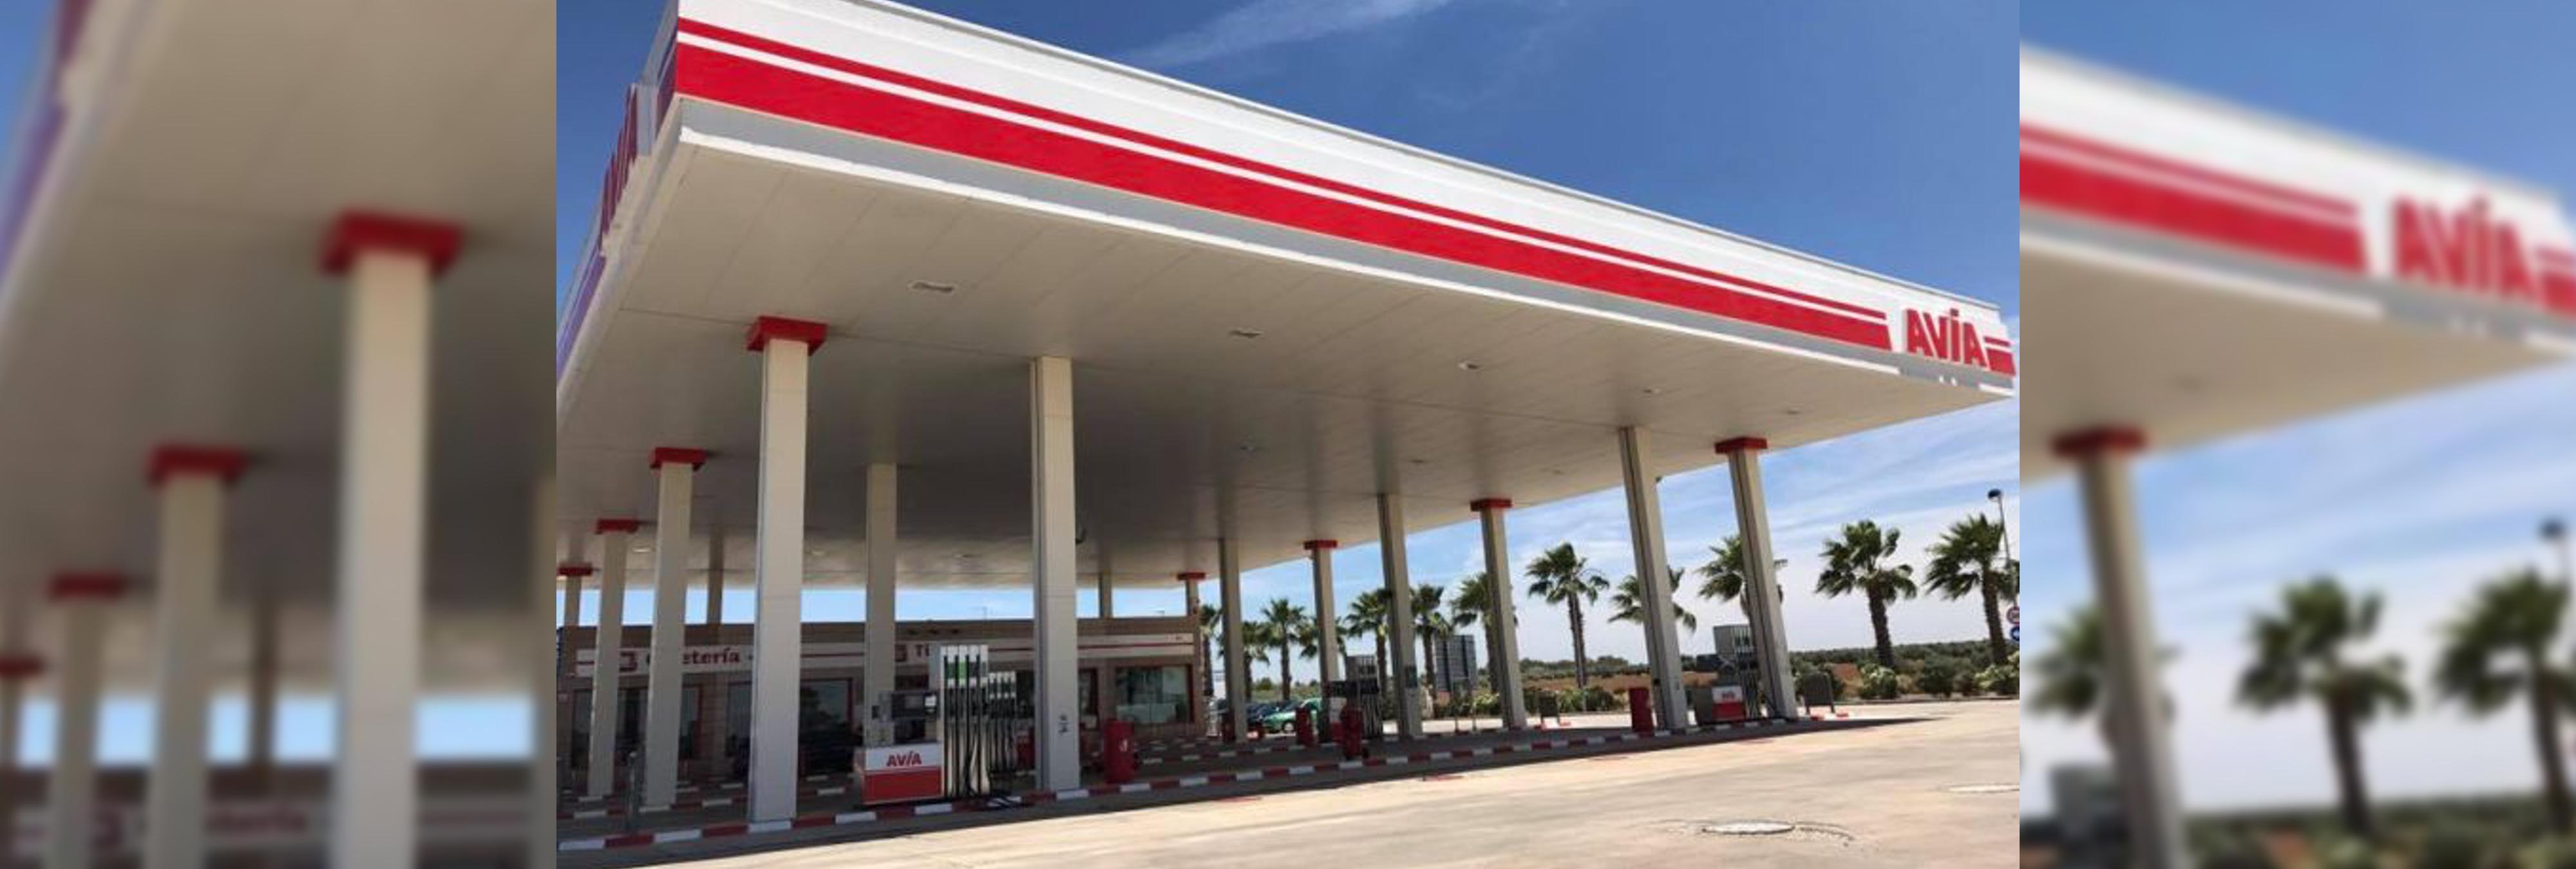 Machismo: Despiden a seis dependientas de una gasolinera por negarse a llevar minifalda